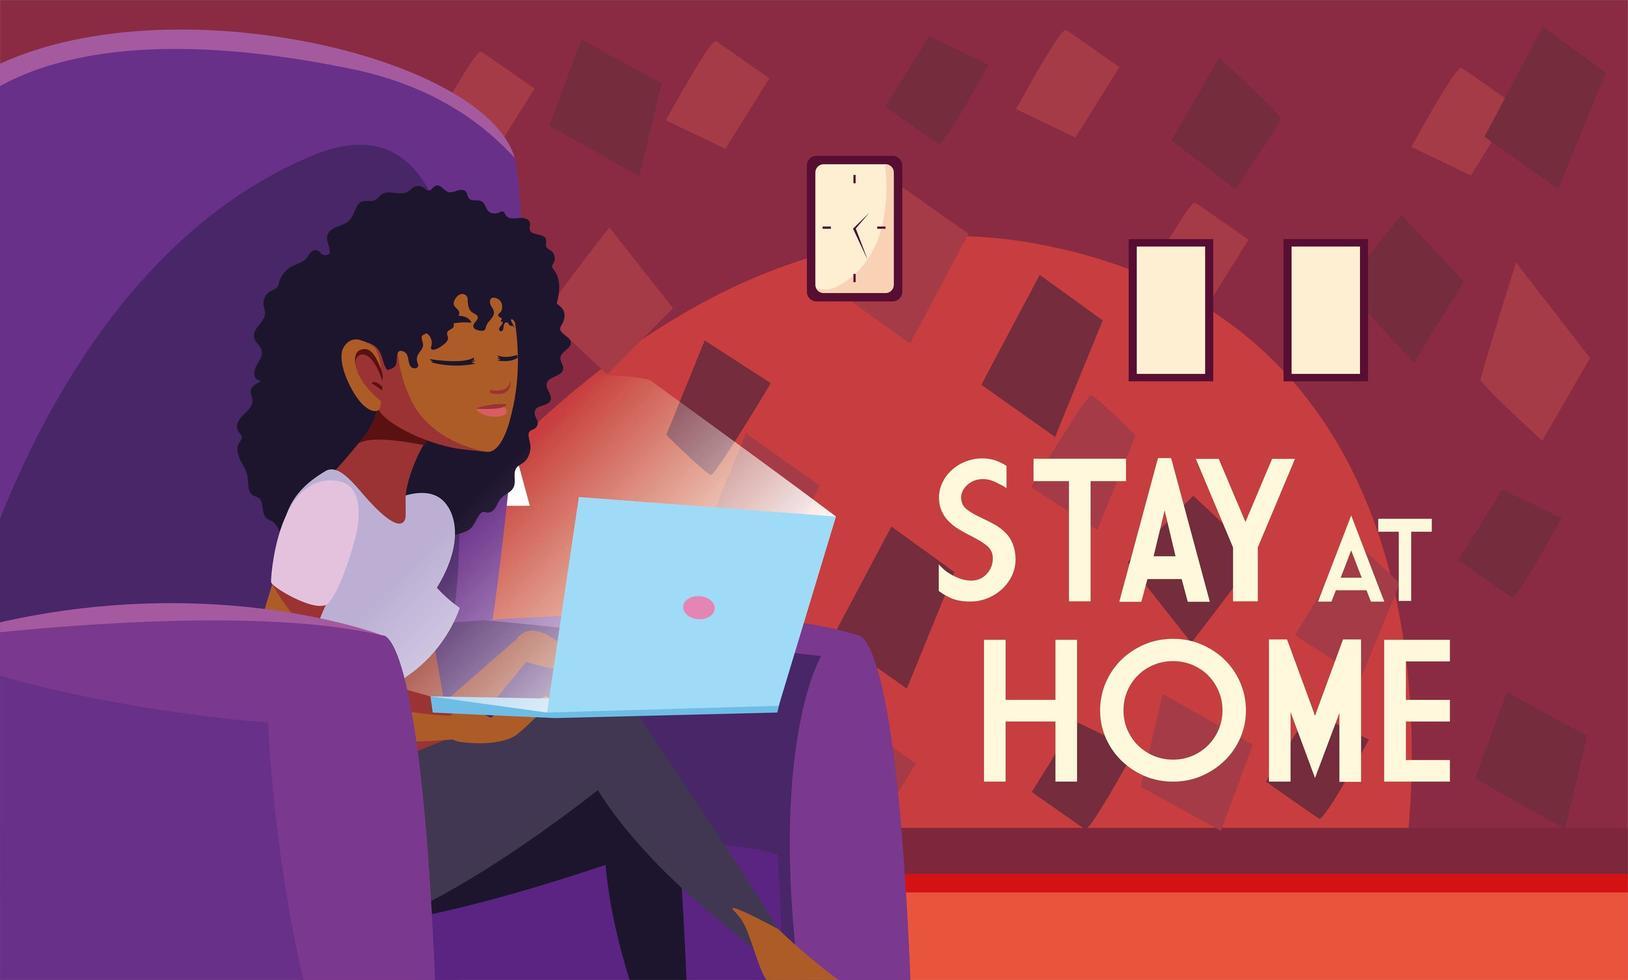 mujer en silla en la computadora portátil permanecer seguro en casa vector